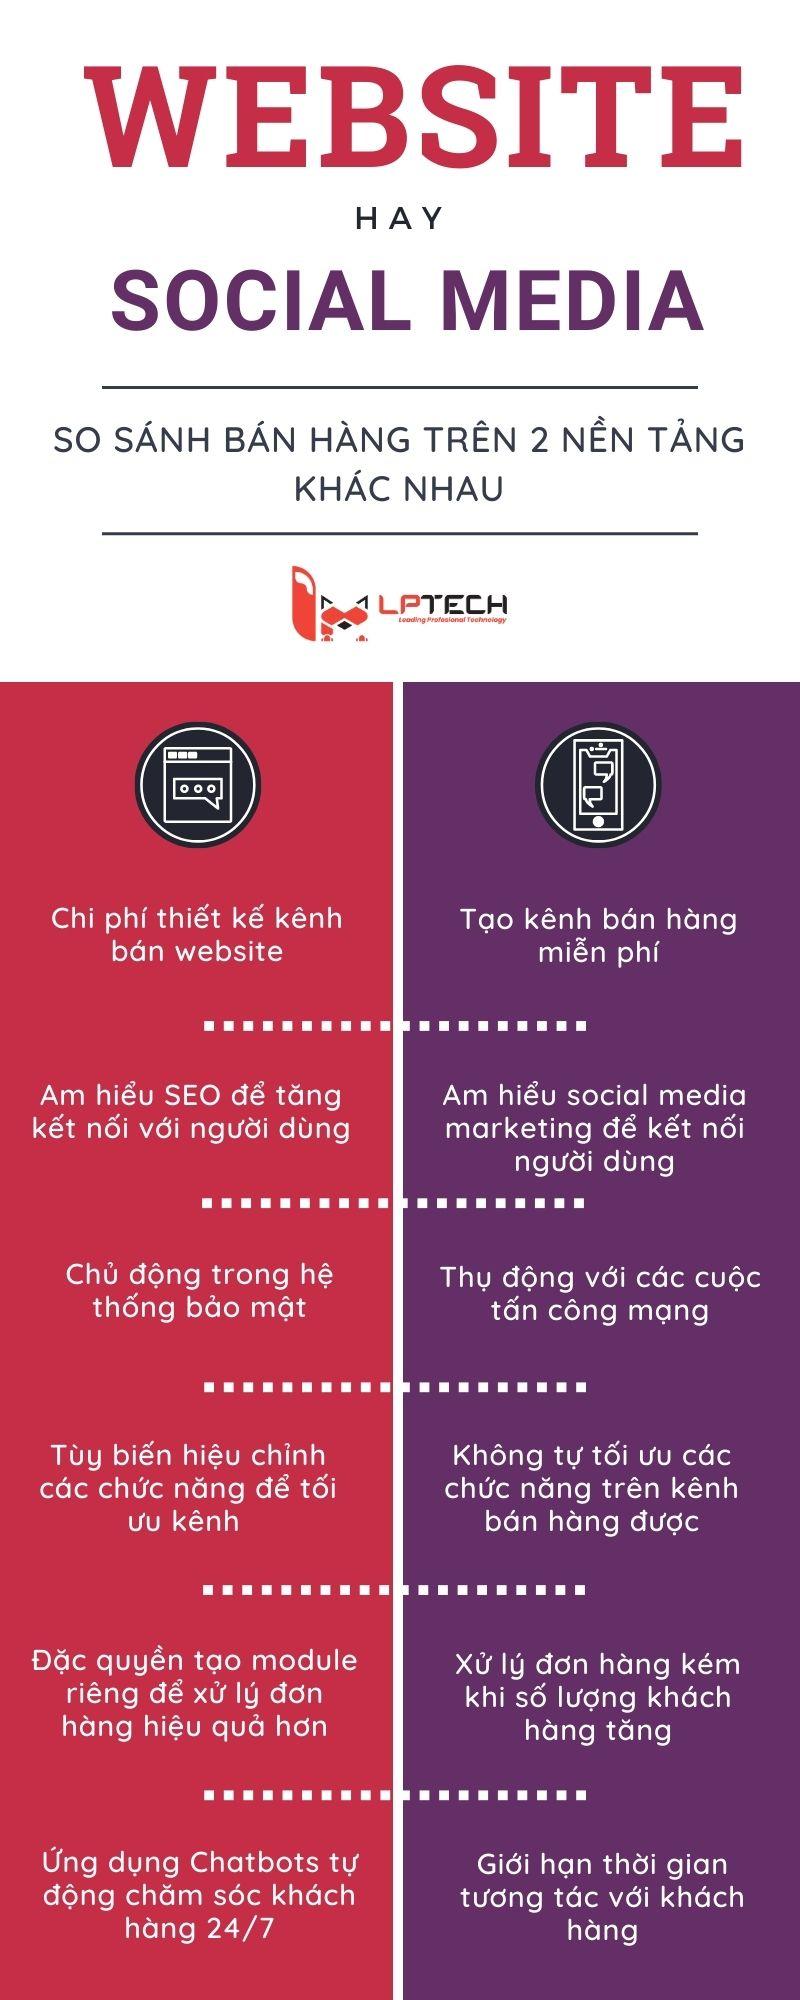 Bán hàng online trên website và trên social media khác gì nhau